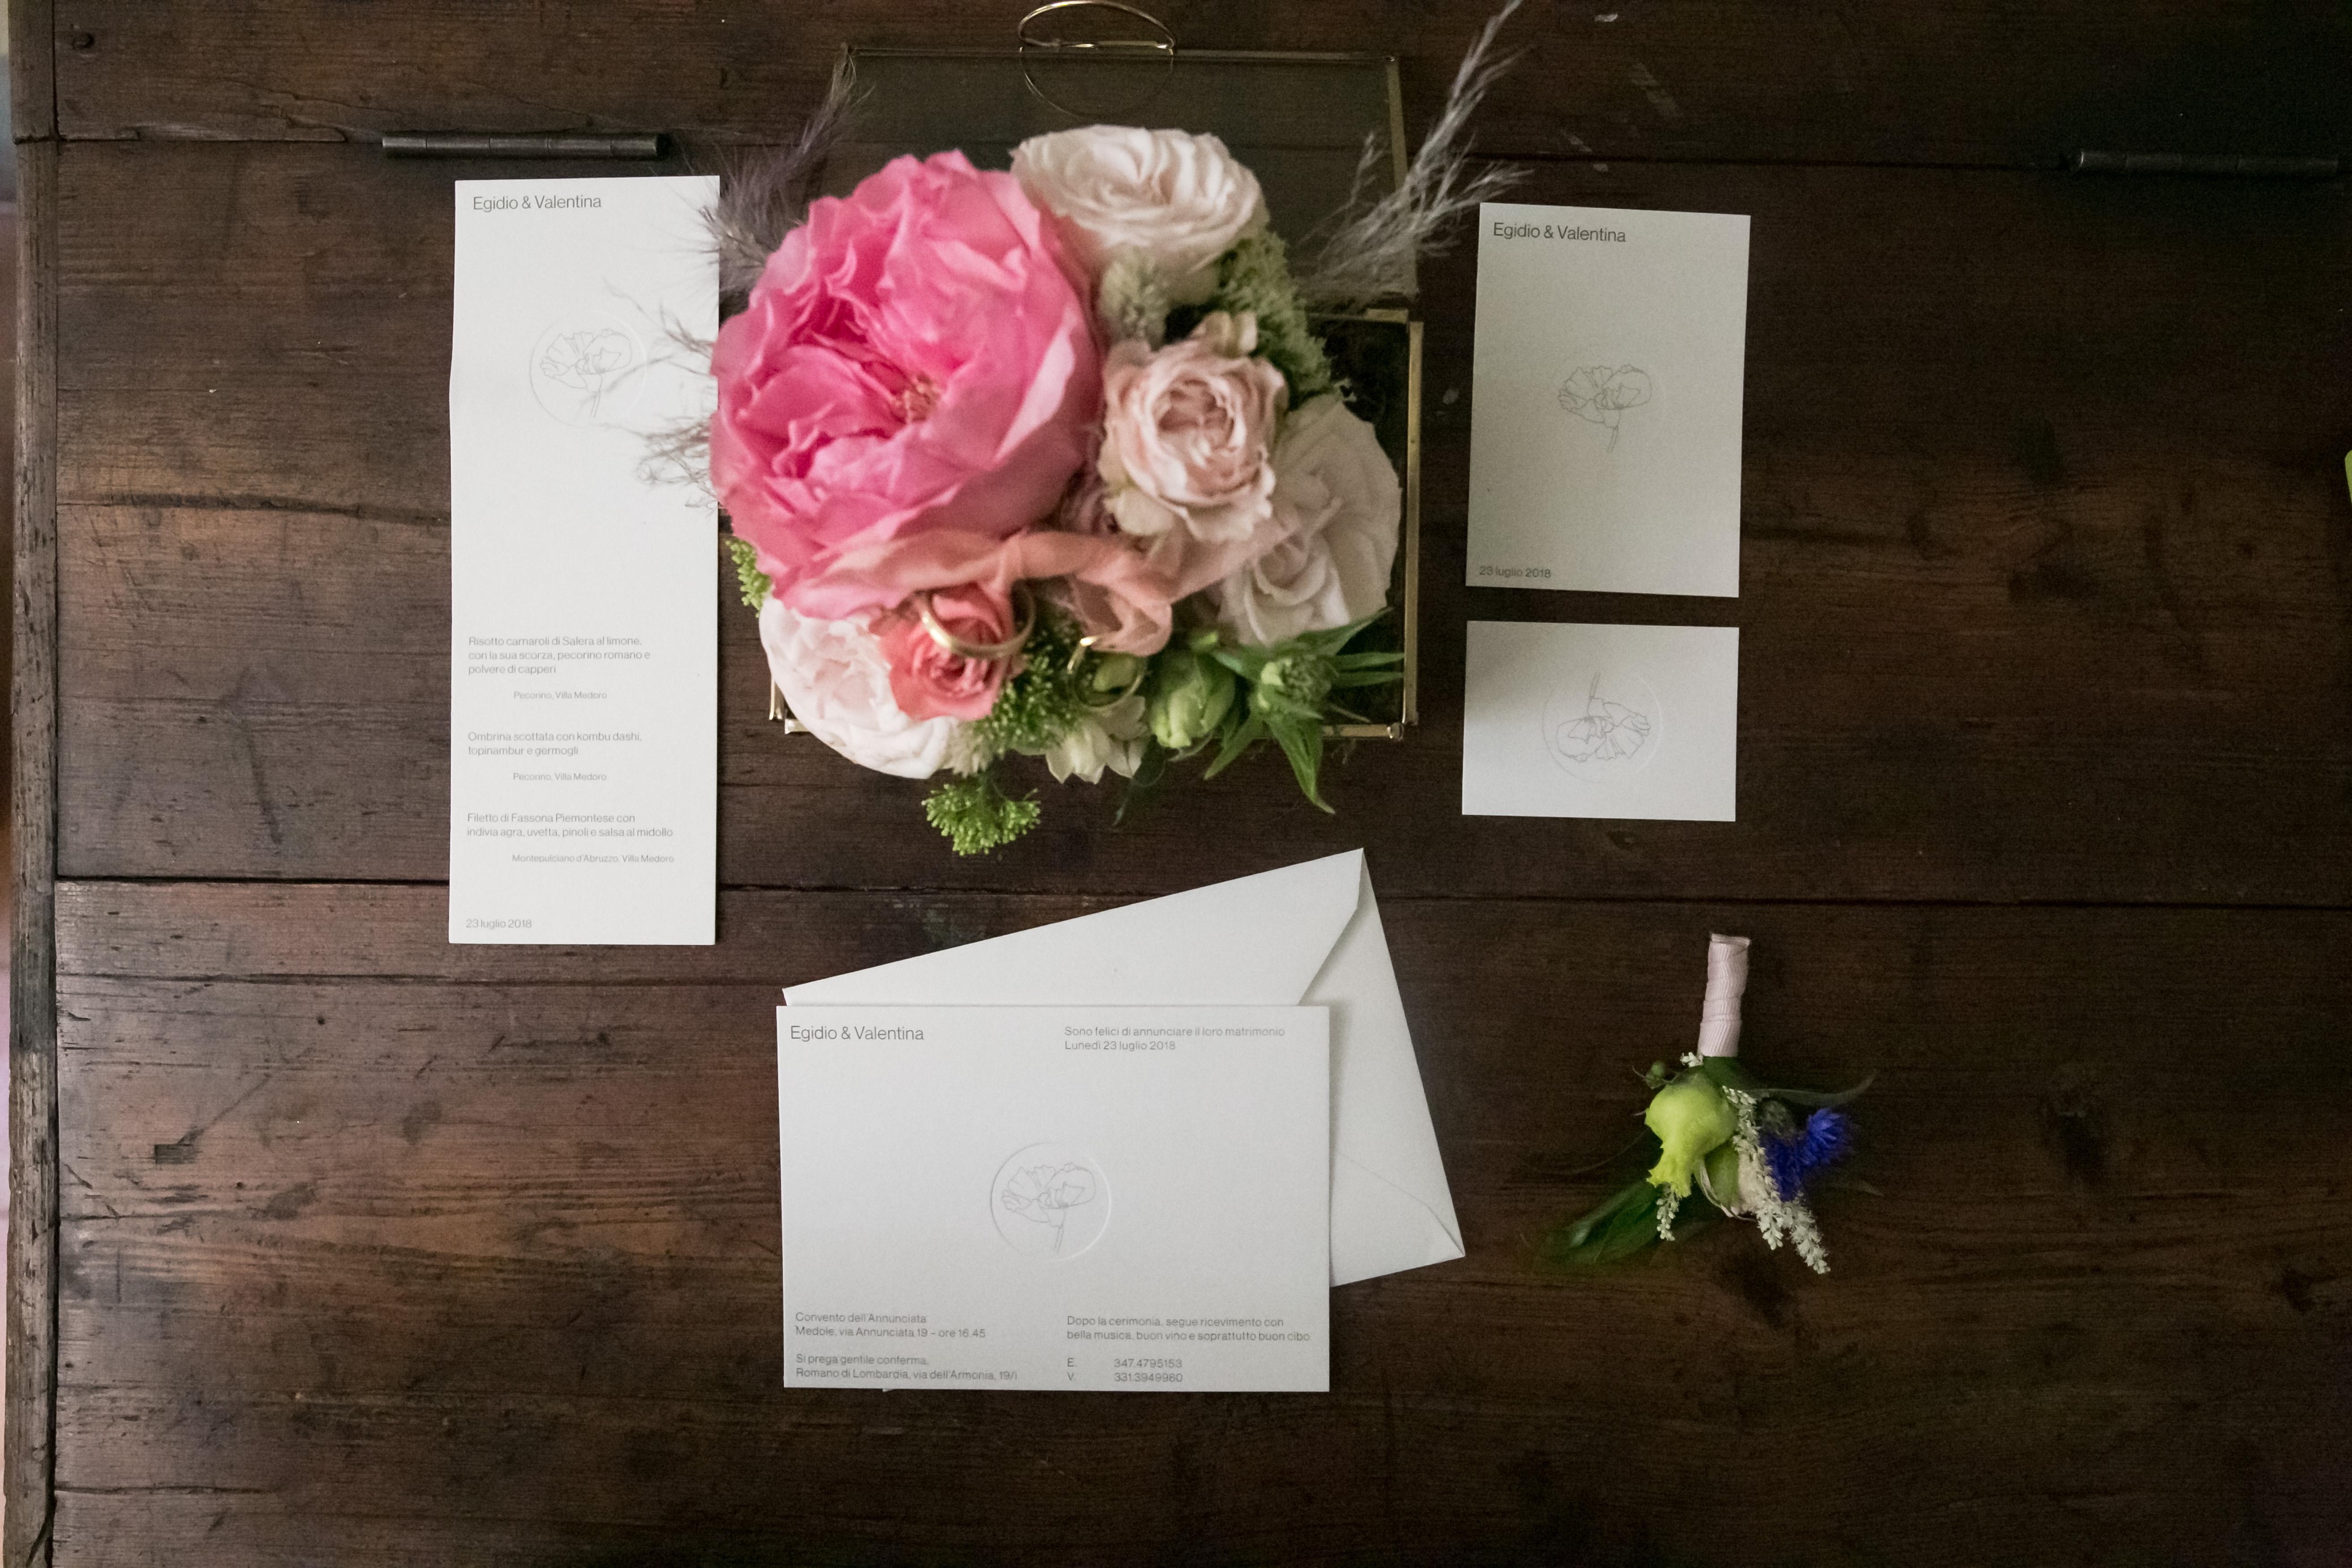 0002_gilberti_ricca_convento_annunciata_fotografi_matrimonio